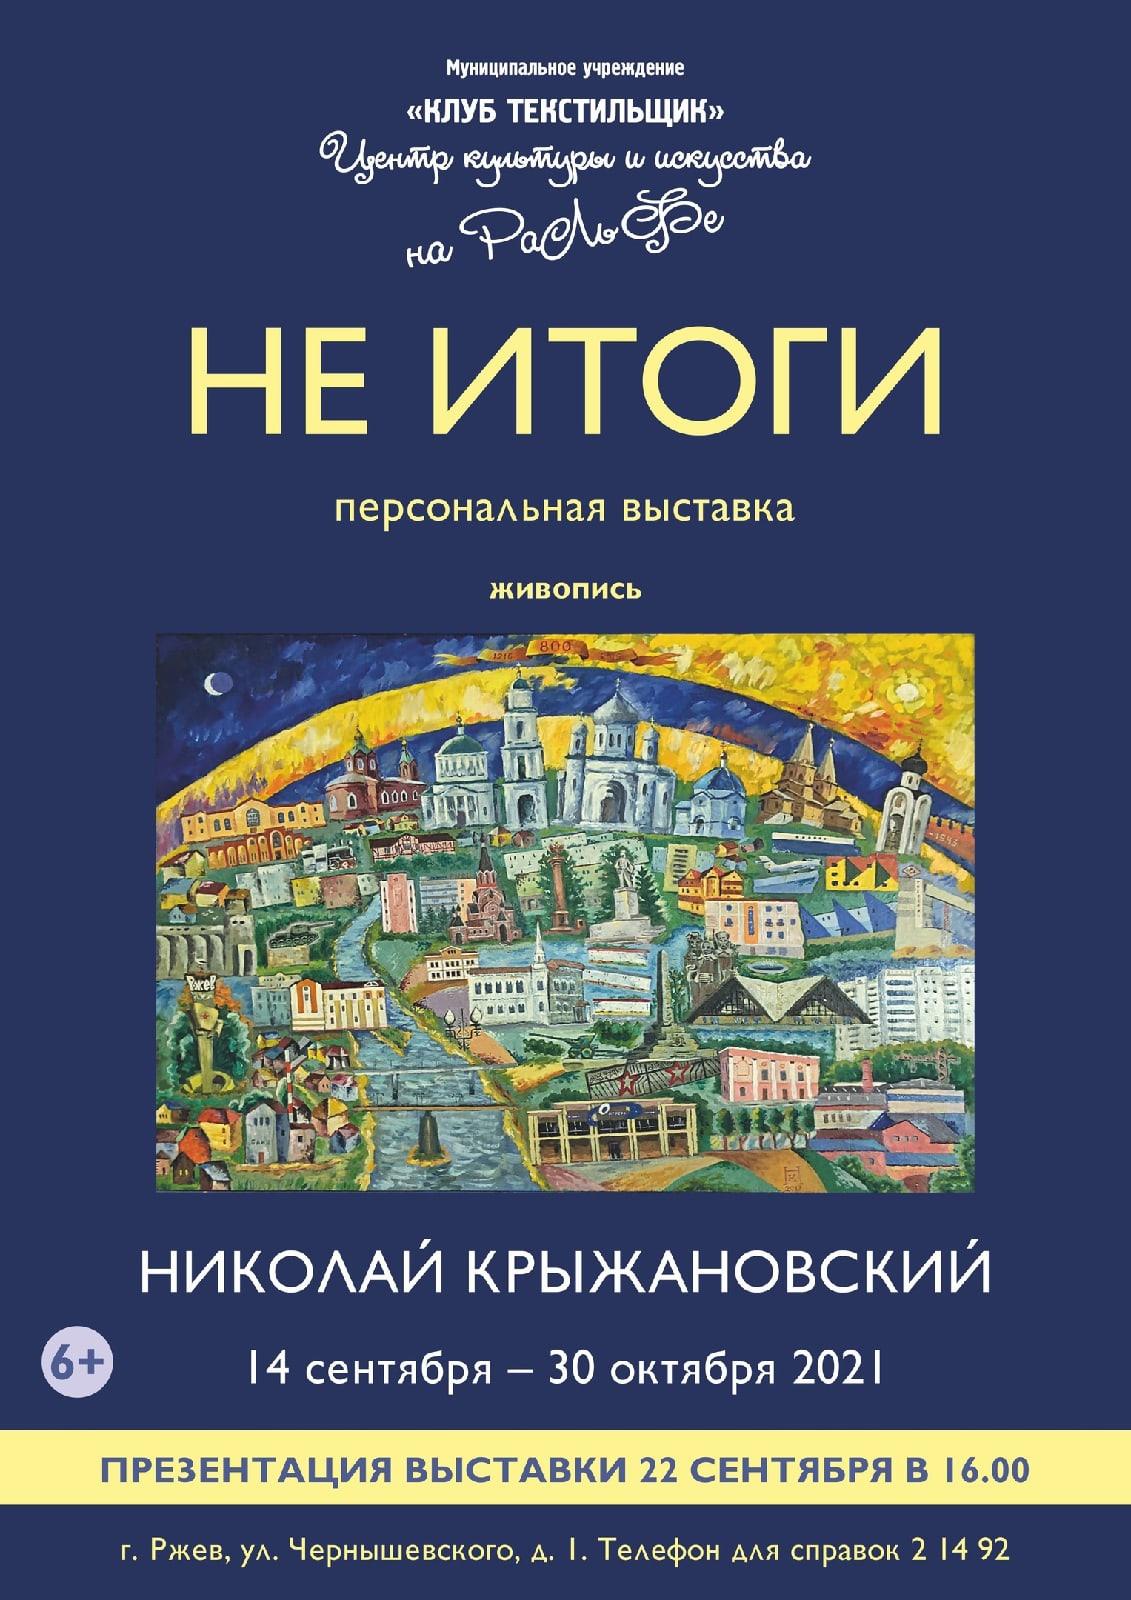 В Ржеве открылась персональная выставка Николая Крыжановского